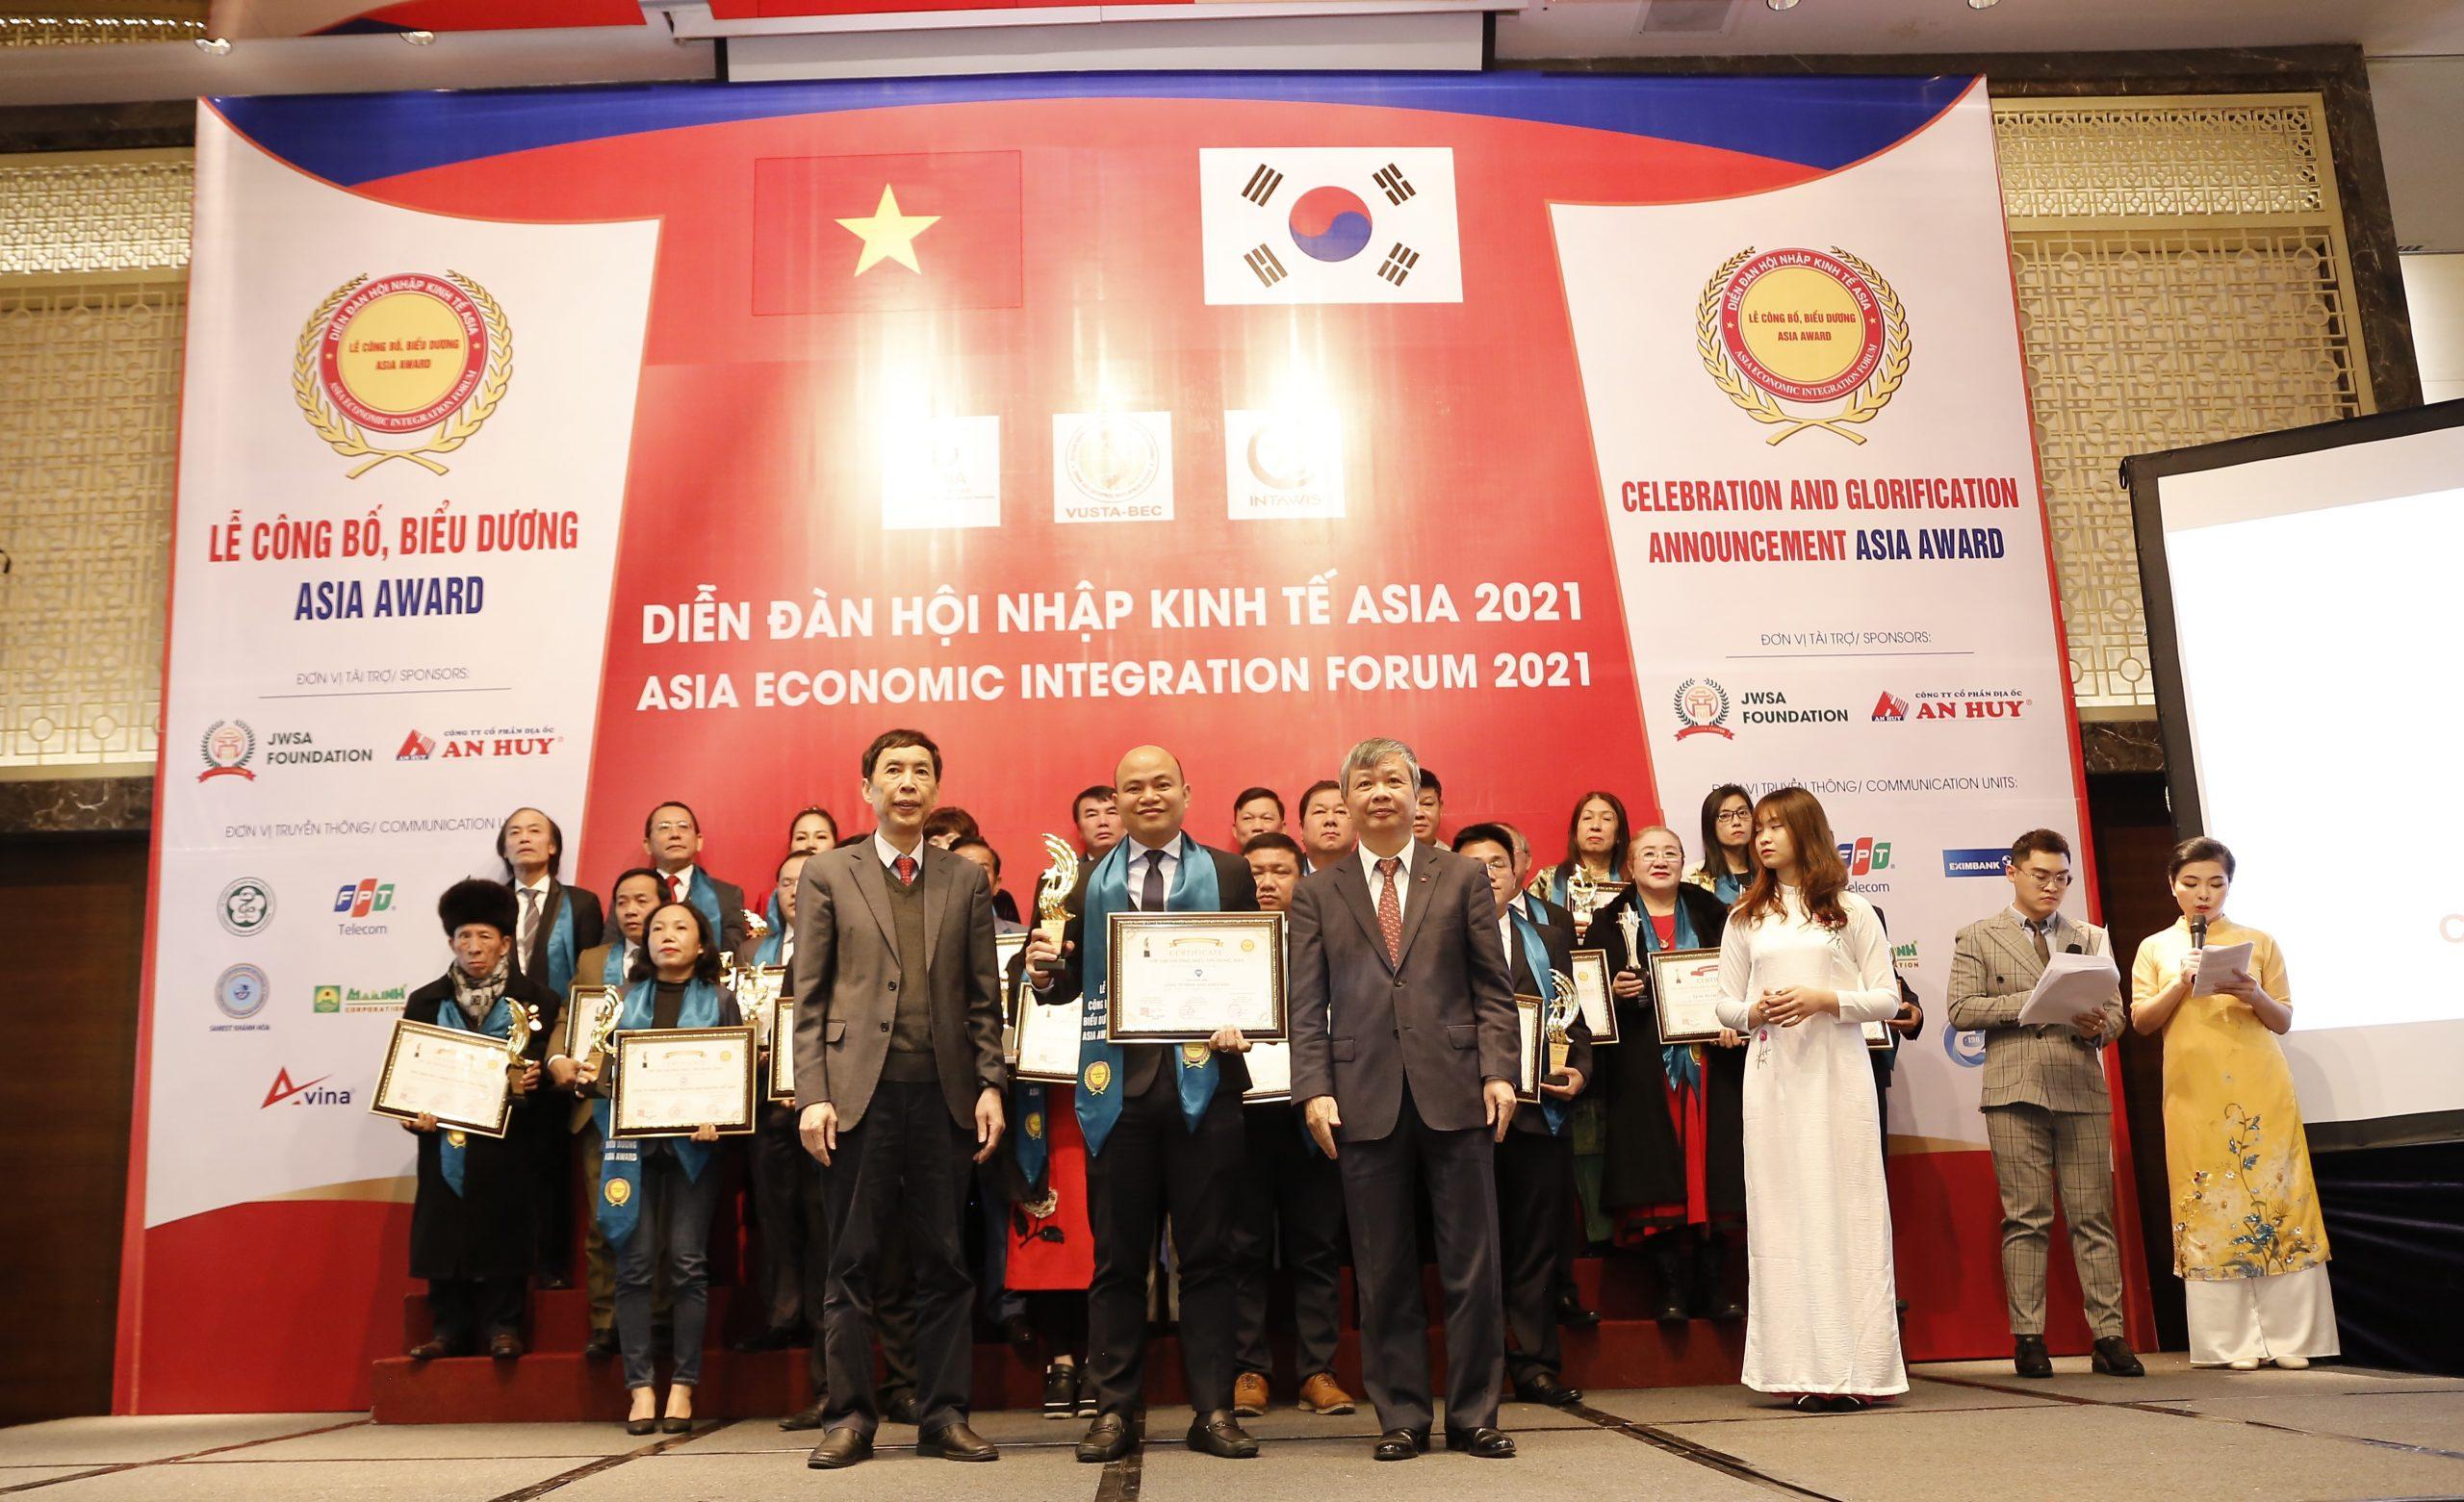 đại diện nha khoa Kim nhận thưởng